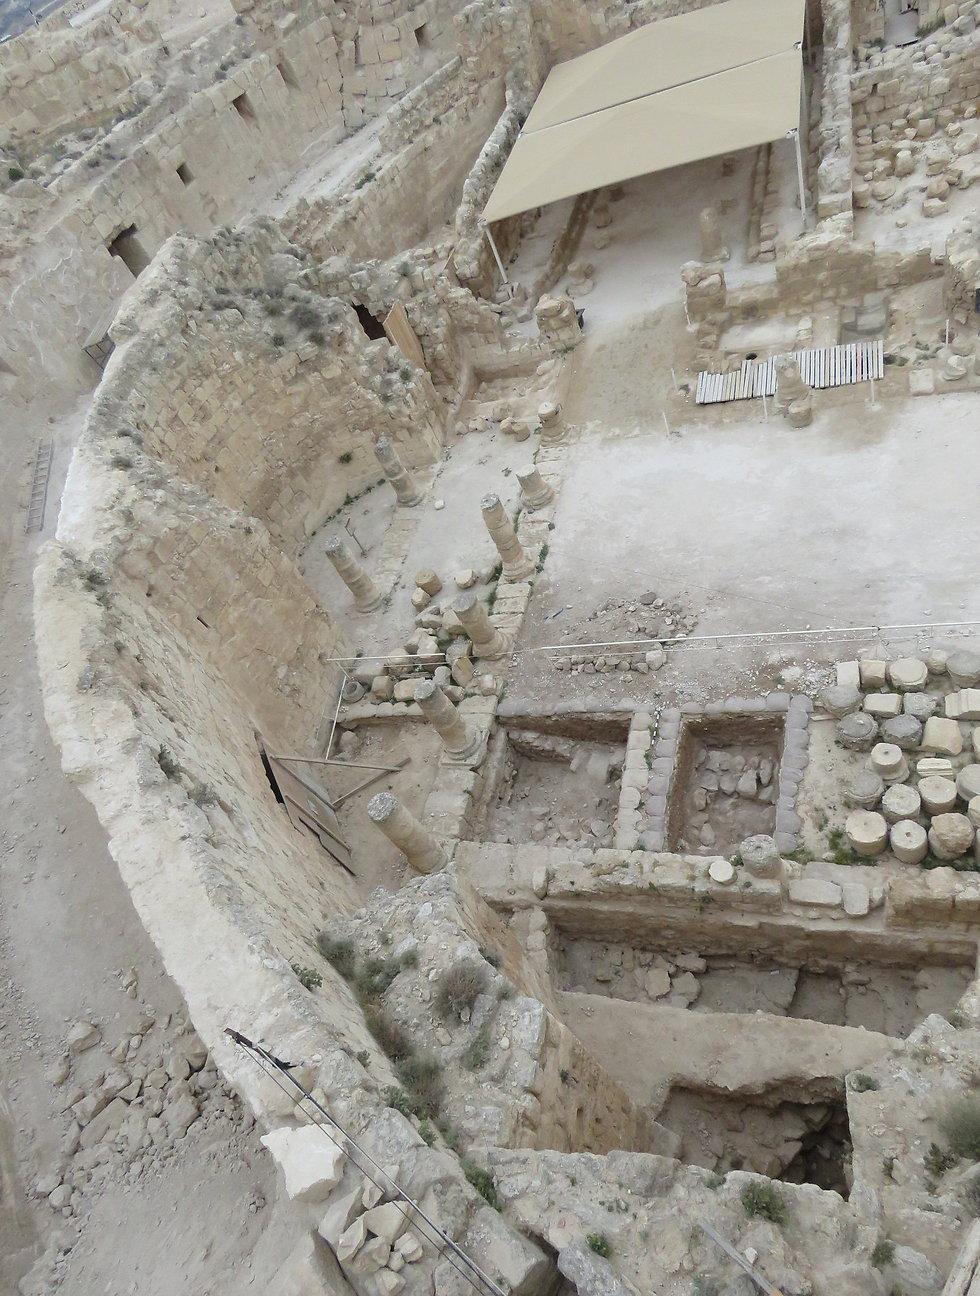 שרידי המבנה מהתקופה ההלניסטית שנמצא בריבועי החפירה תחת רצפת הגן של ארמון הורדוס (צילום: רועי פורת) (צילום: רועי פורת)